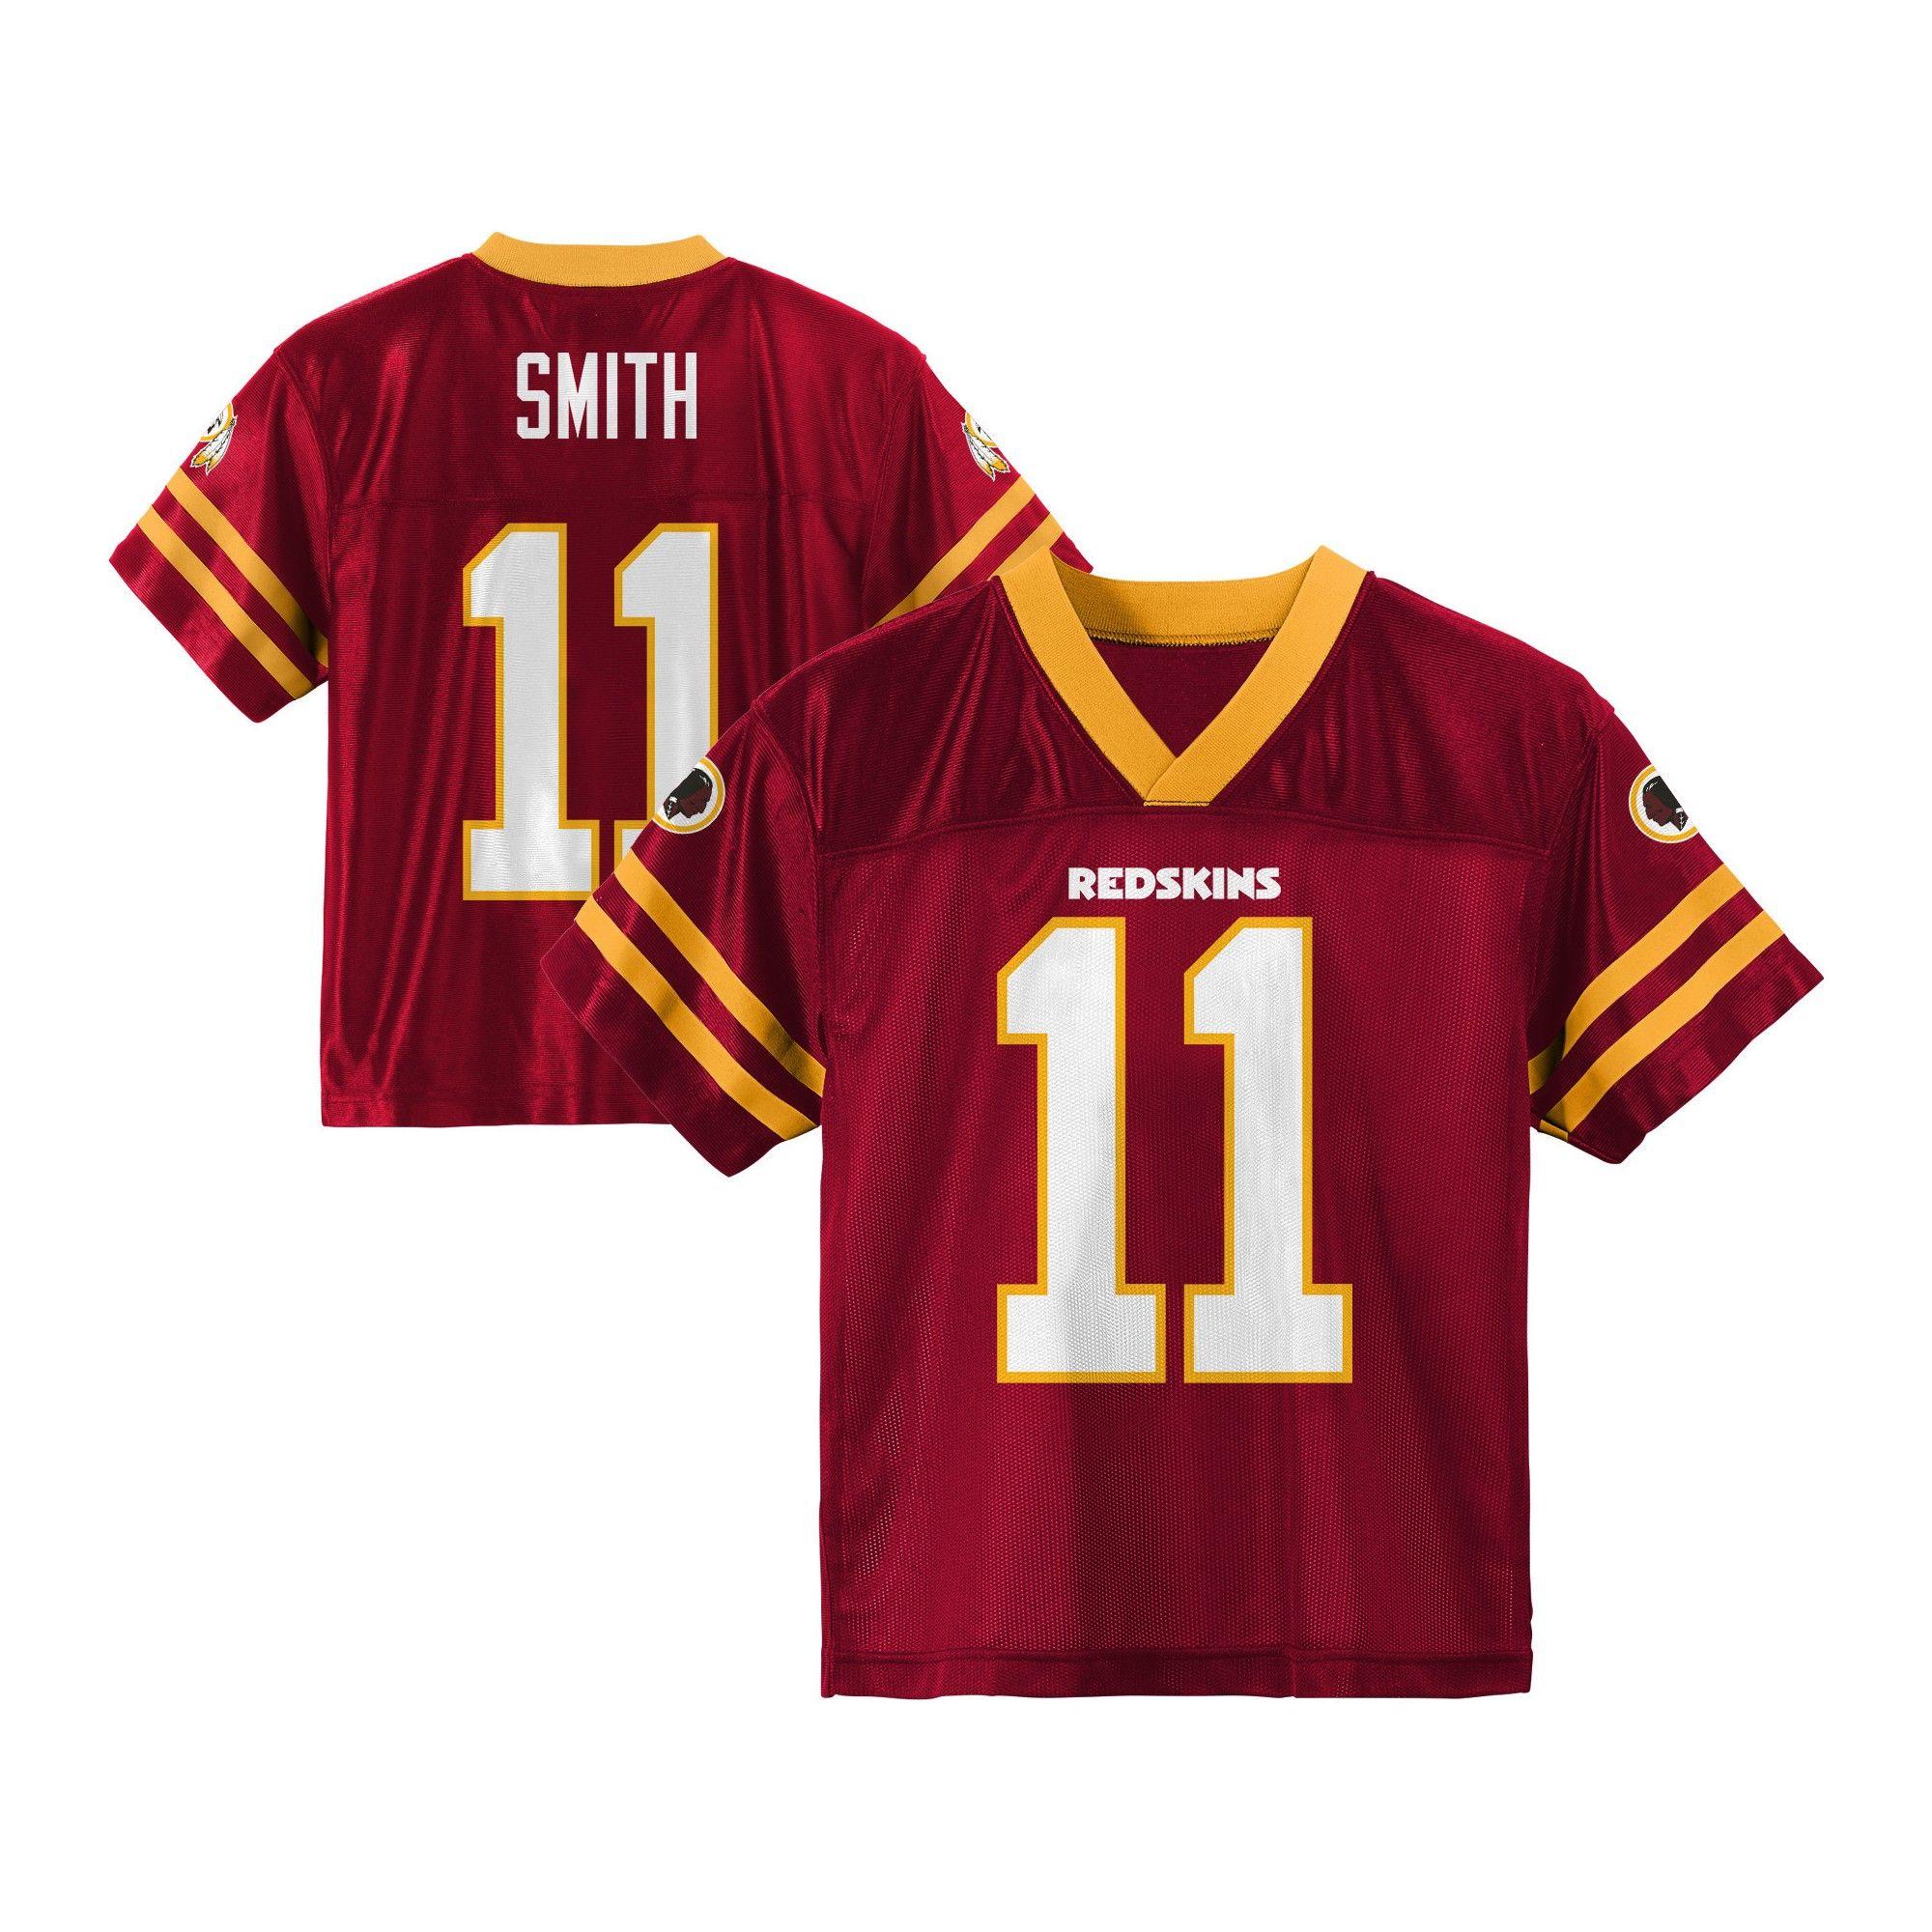 buy popular 907fa 2211f Washington Redskins Toddler Player Jersey 3T, Toddler Boy's ...